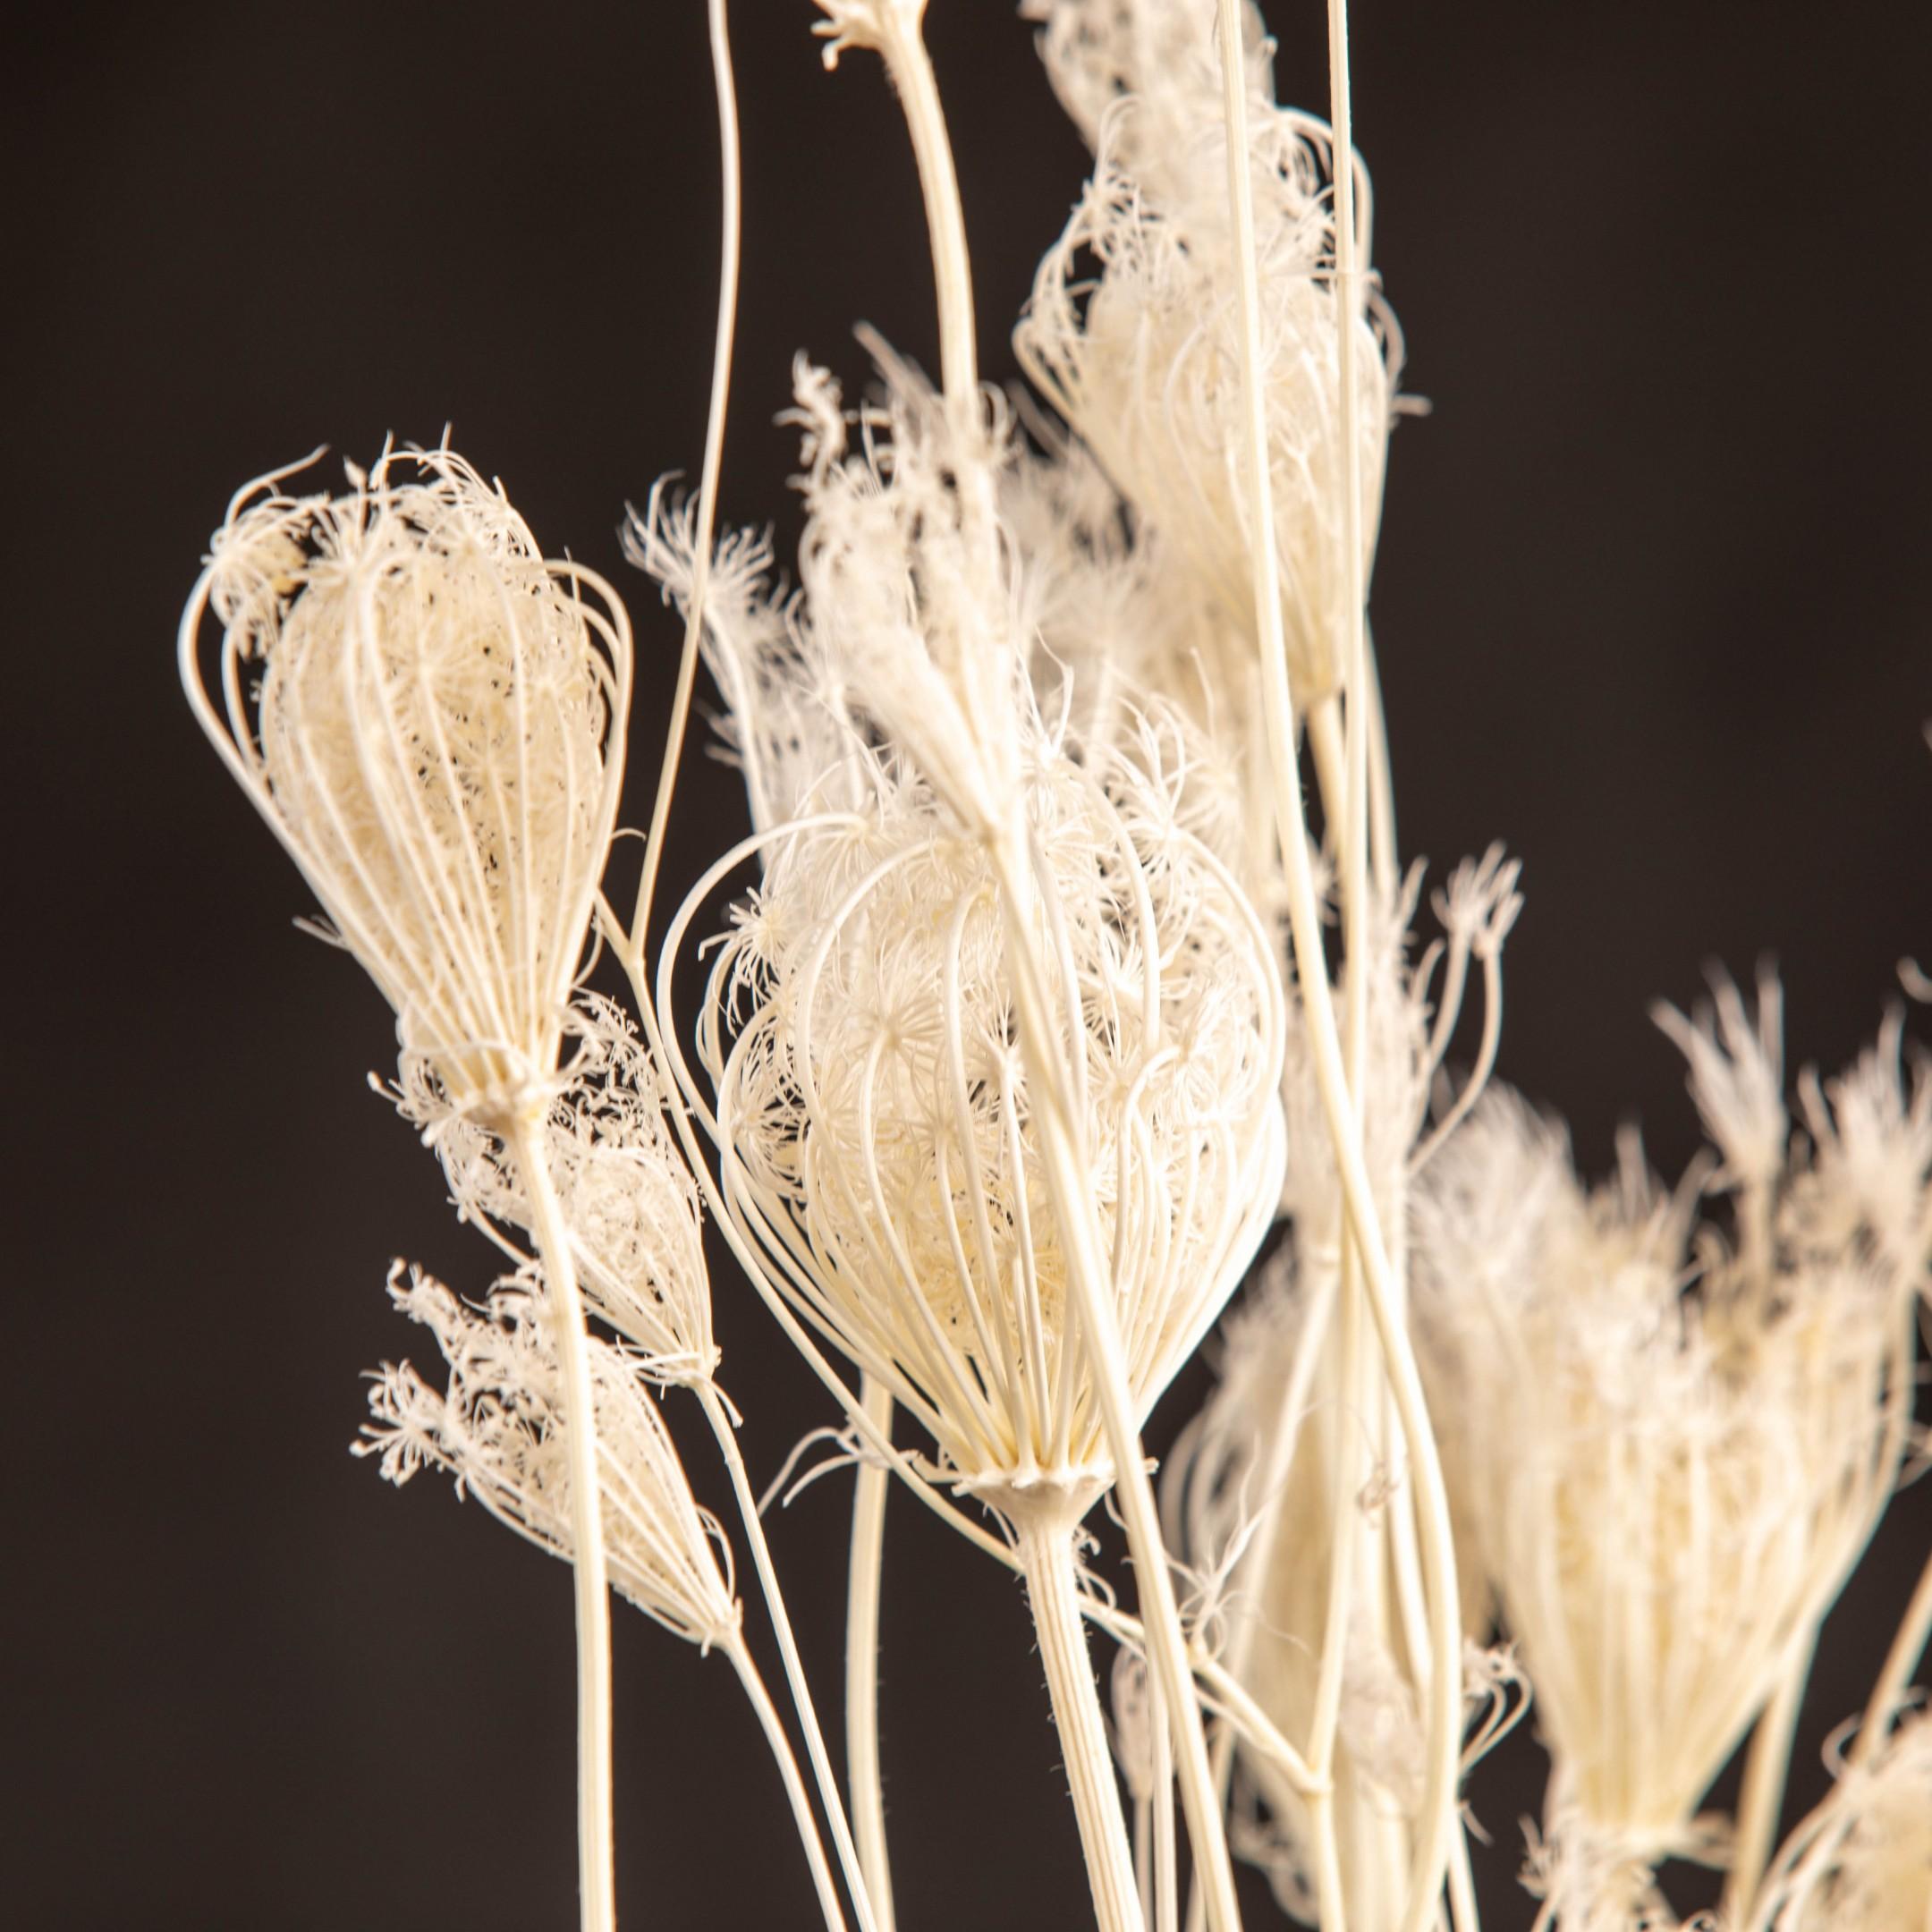 Trockenblumenbund black & white Bild 3